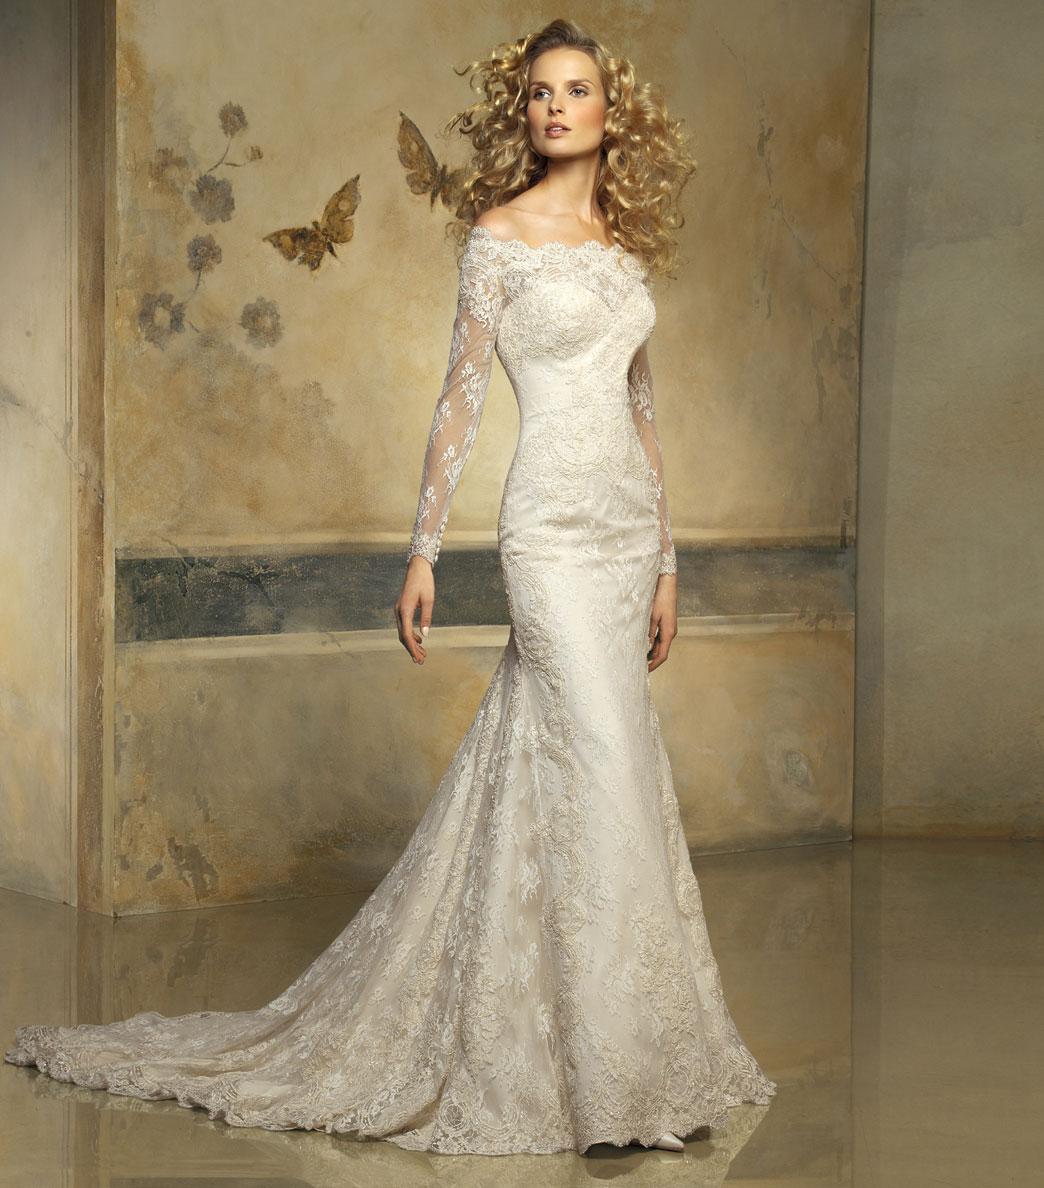 Свадебное платье испанское купить